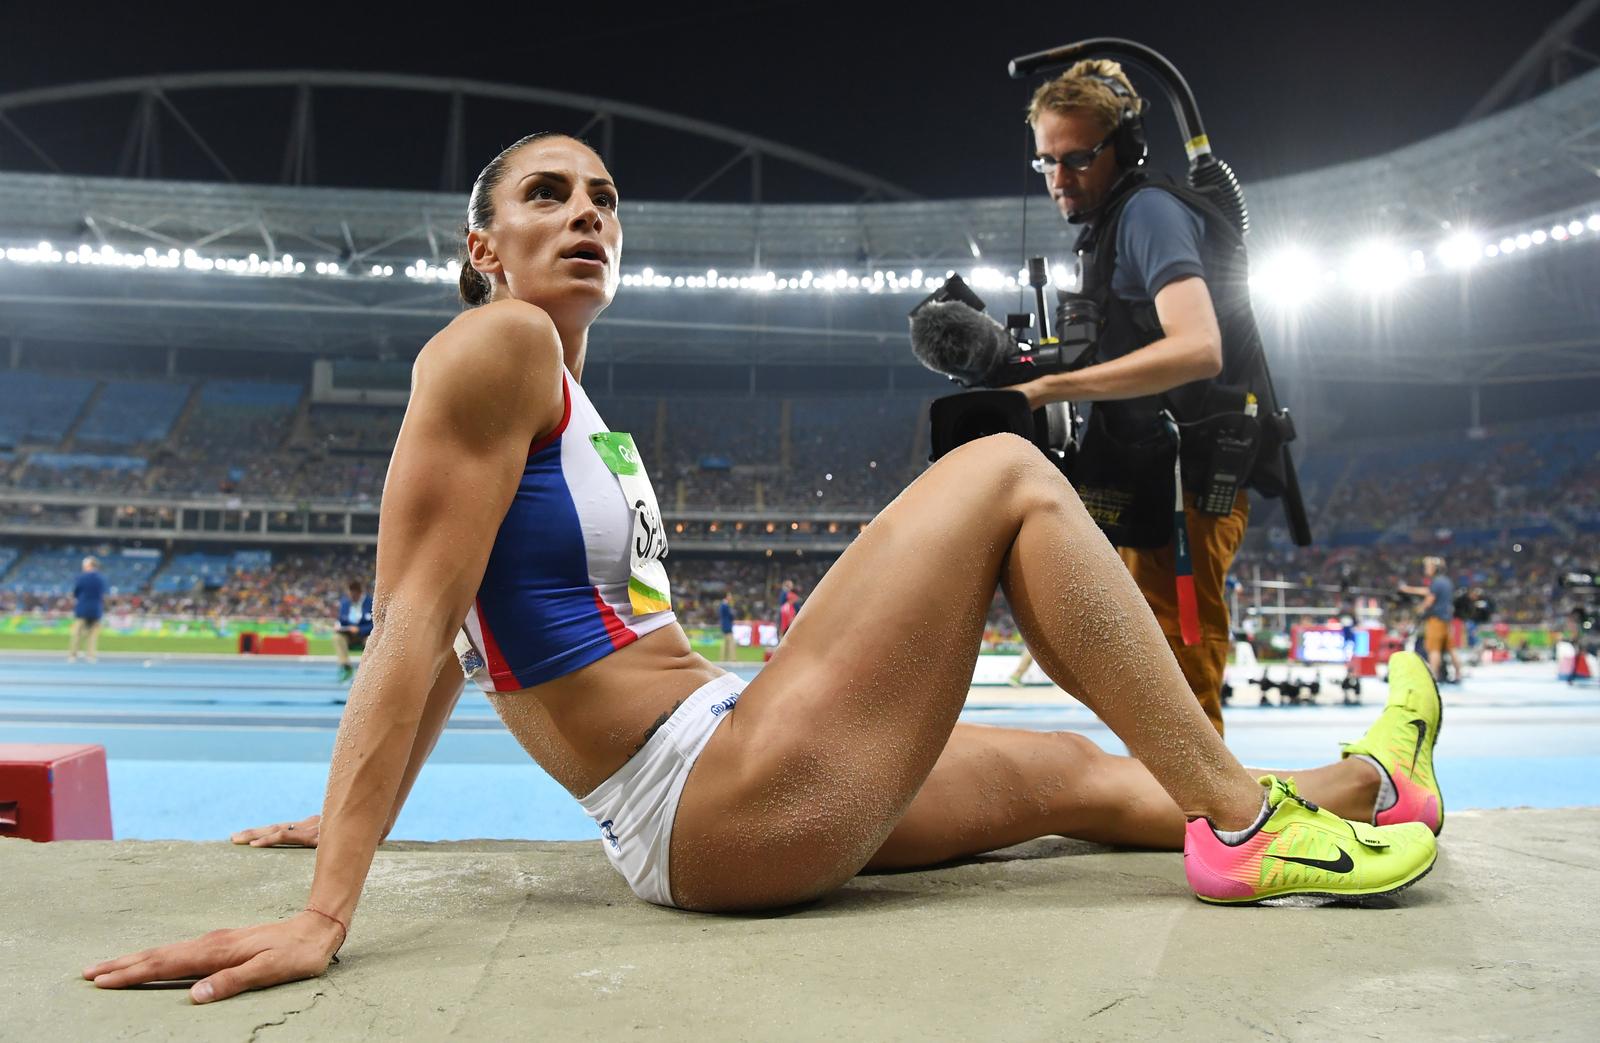 Прыгунья в длину Ивана Шпанович показала лучший результат в квалификации, но в финале соревнований стала лишь третьей